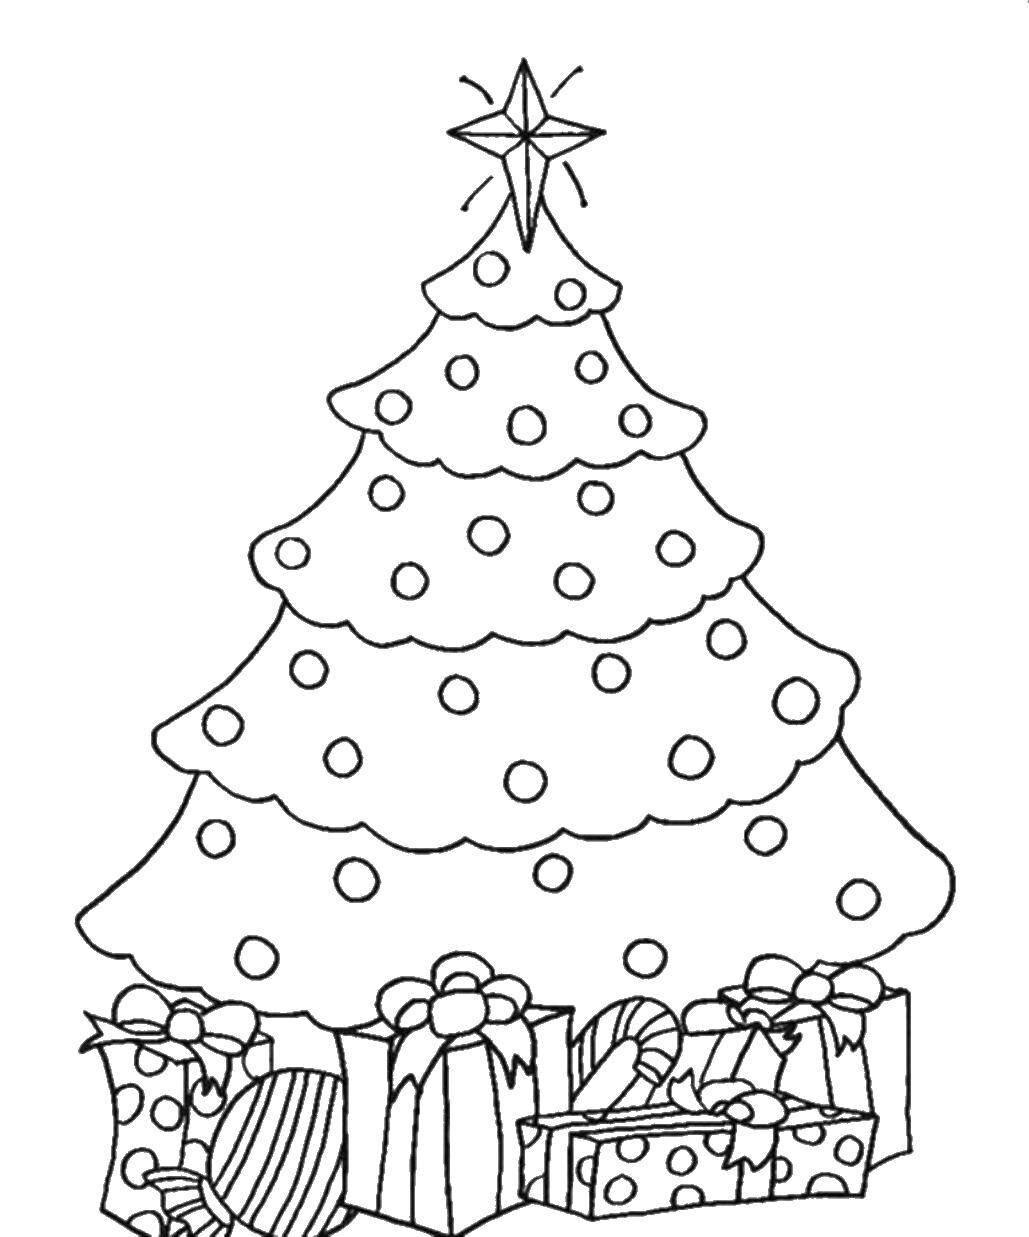 Новогодняя елка картинка для детей раскраска